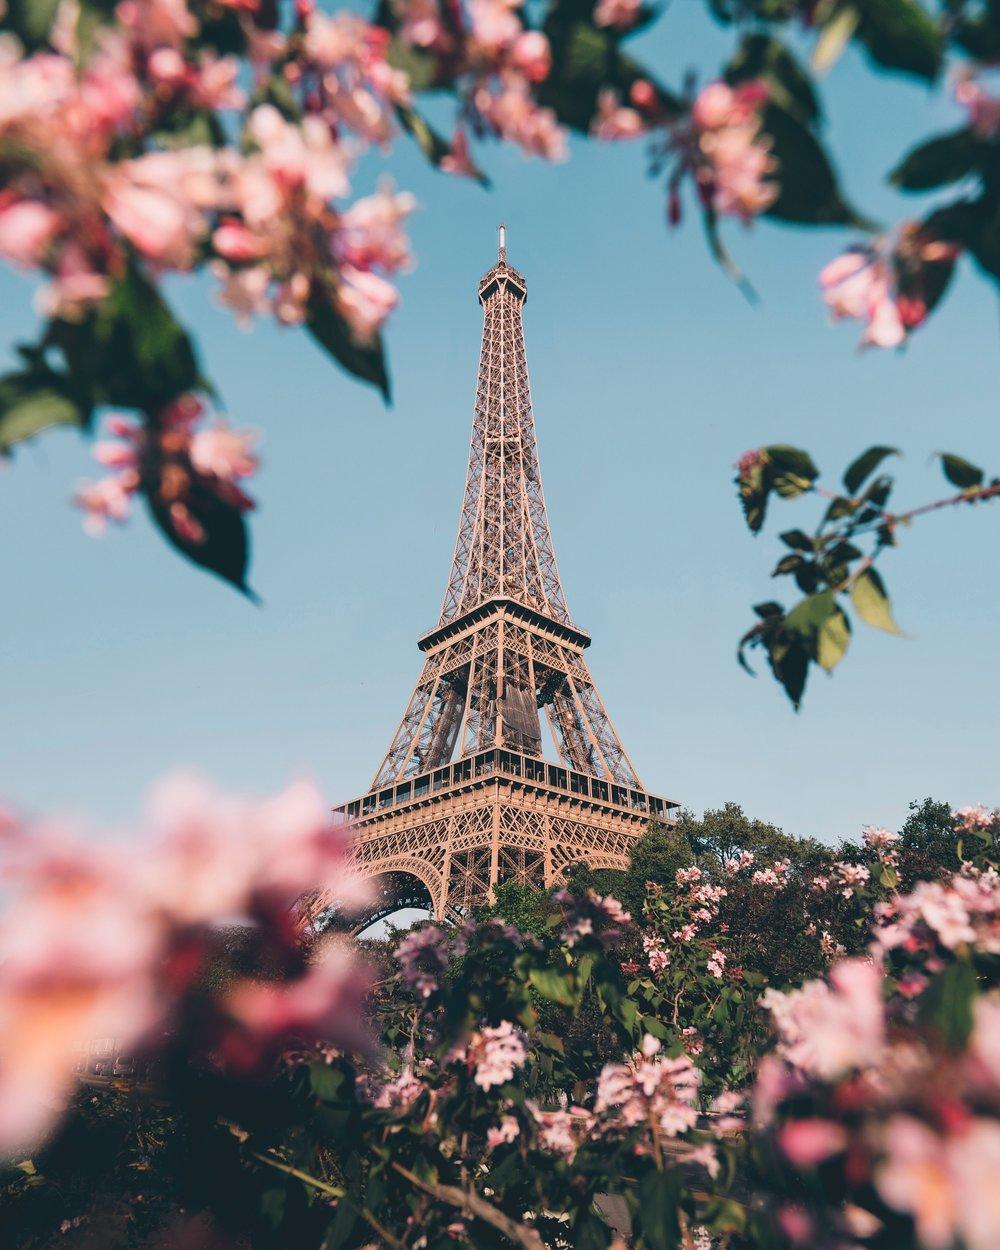 Eiffel Tower Photo by Jack Anstey - Unsplash